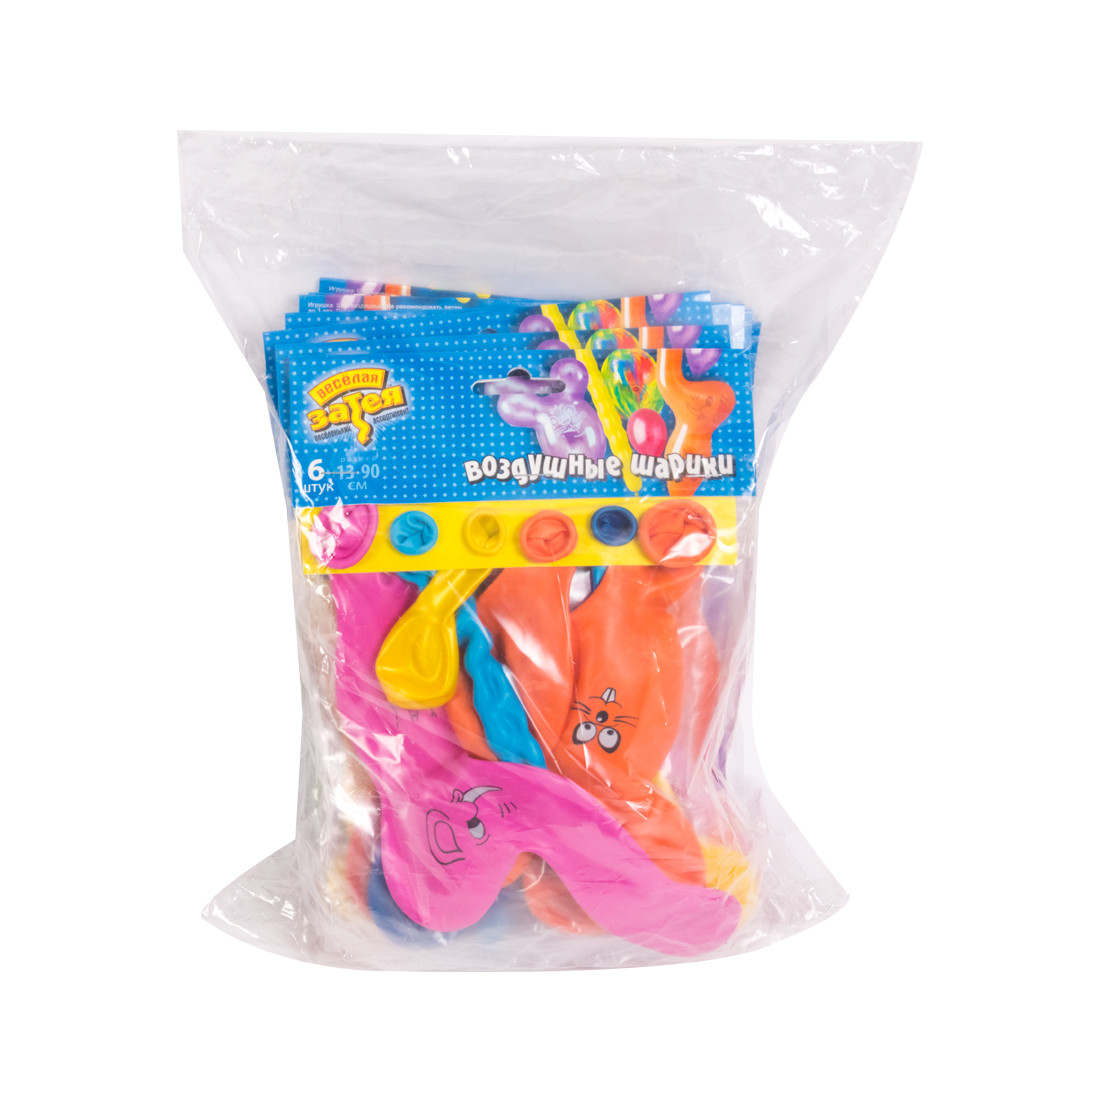 Воздушные шарики фигурные ВЕСЁЛАЯ ЗАТЕЯ, 1111-0365, (6 шт. в пакете), латекс - фото 2